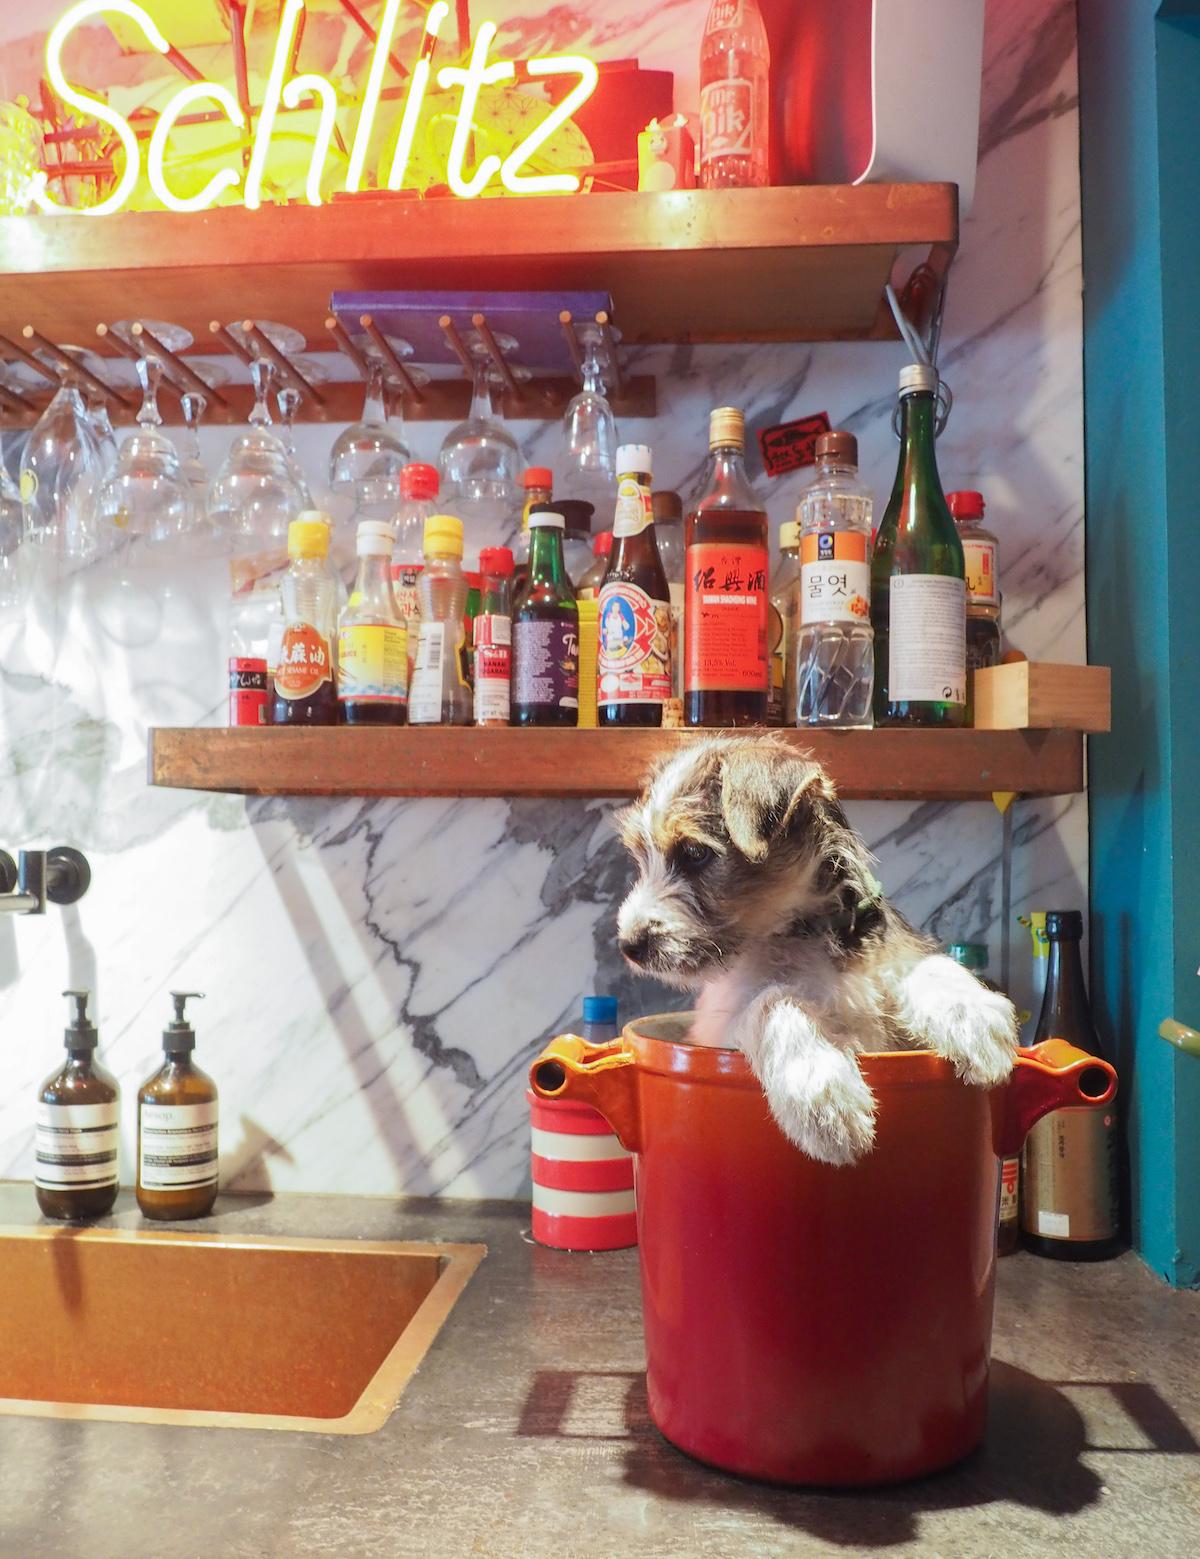 Hughie in de keuken van Yvette van Boven